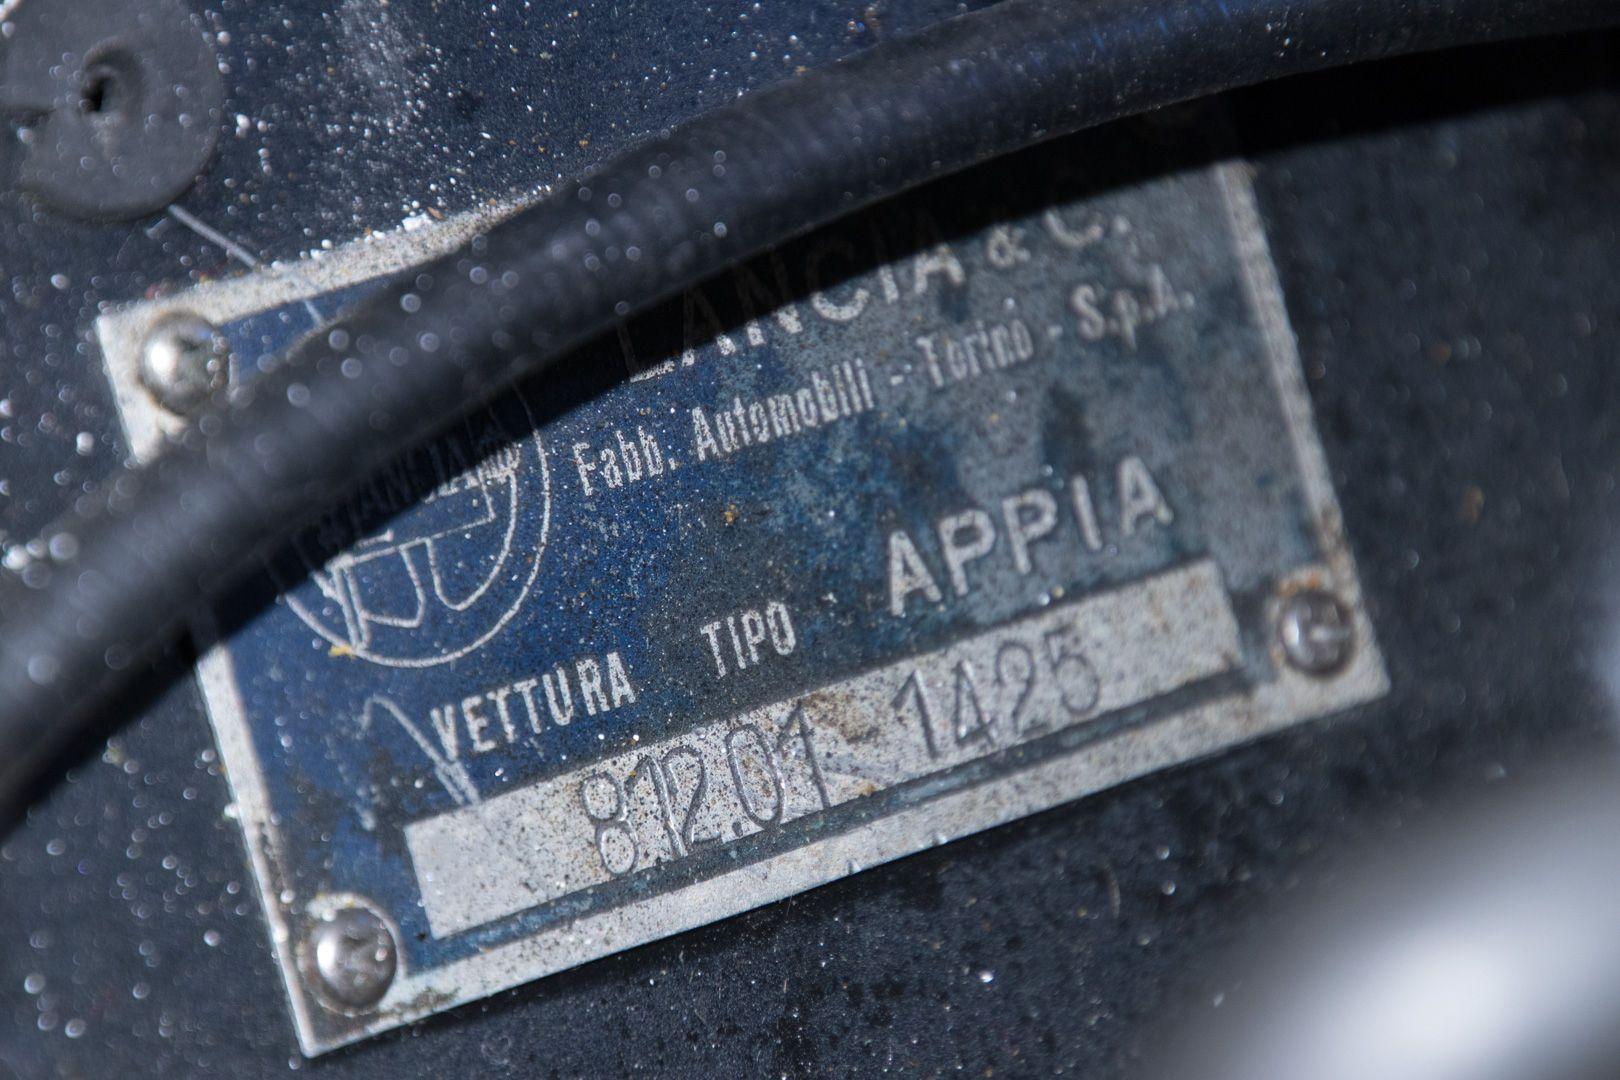 1958 Lancia Appia GTZ 17281